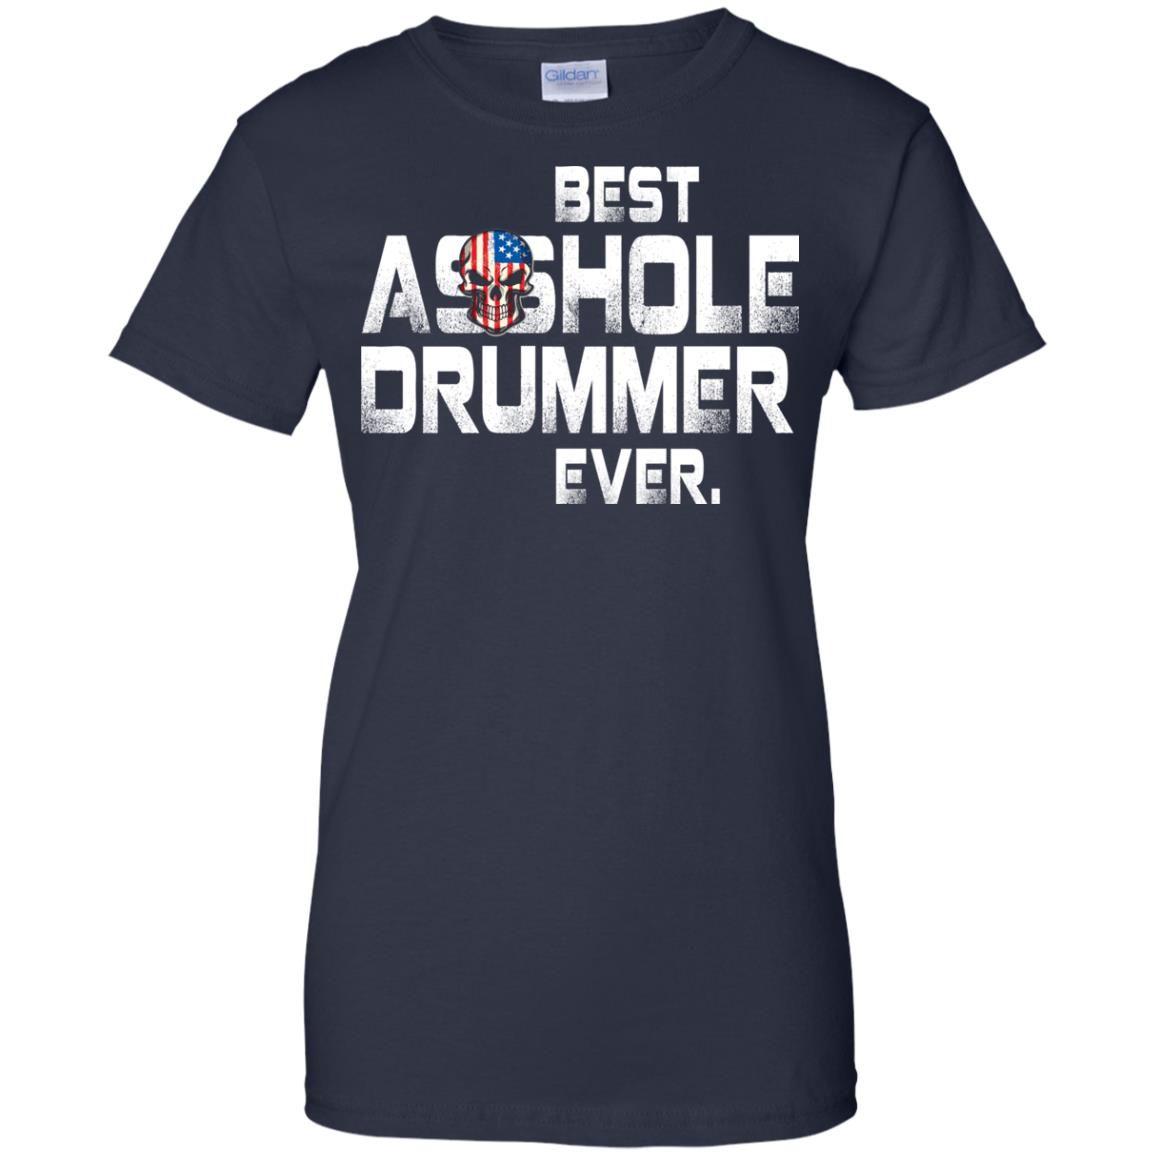 image 1645 - Best Asshole Drummer Ever shirt, sweater, tank top